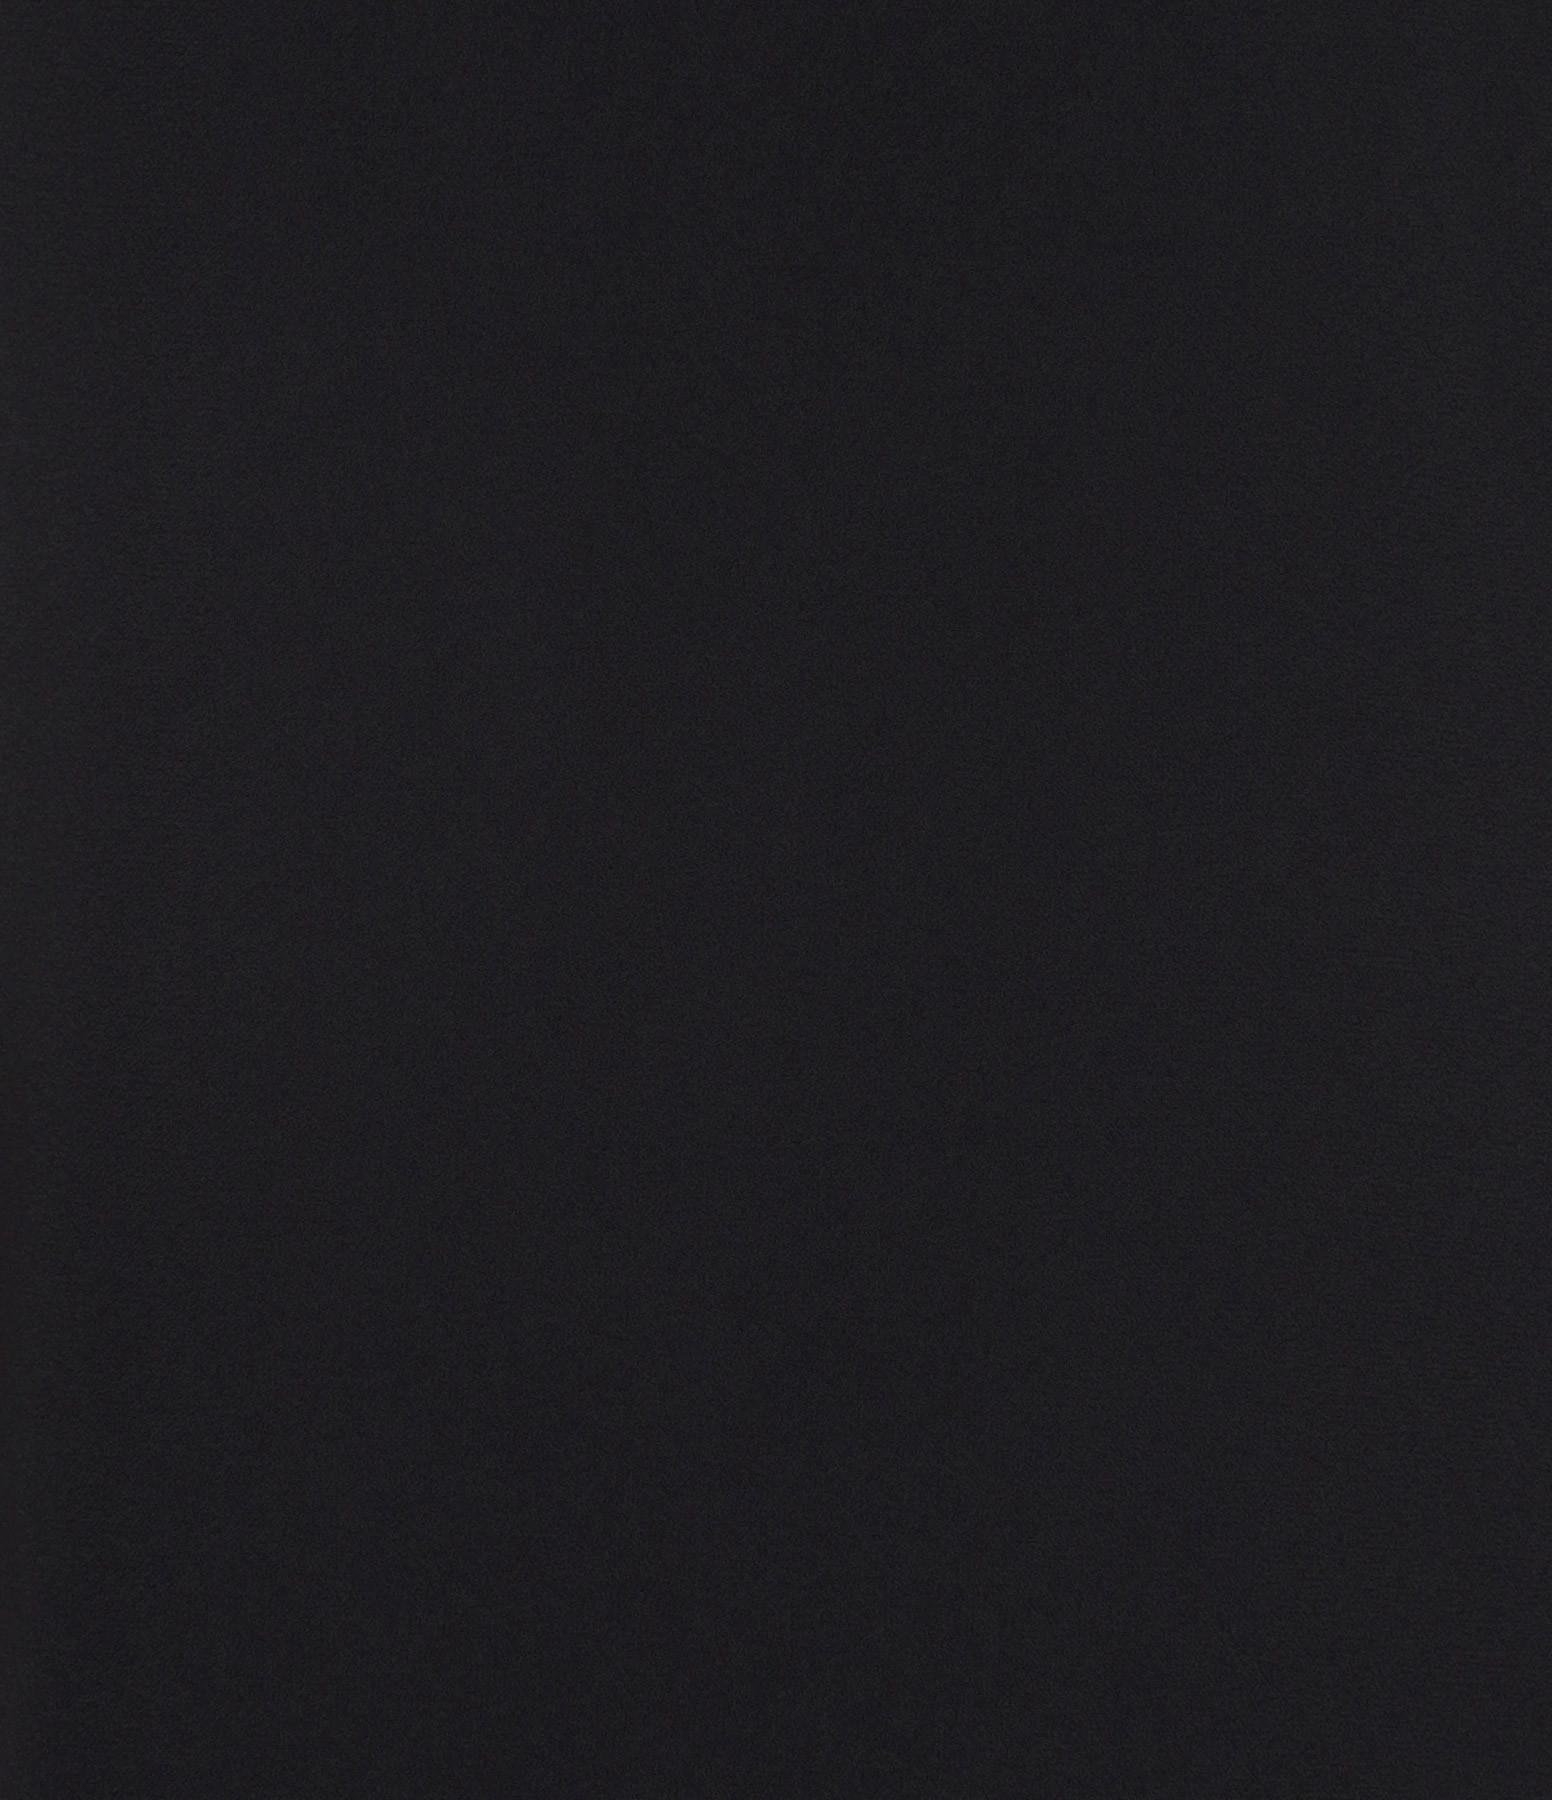 THEORY - Combinaison Pantalon Crèpe Noir